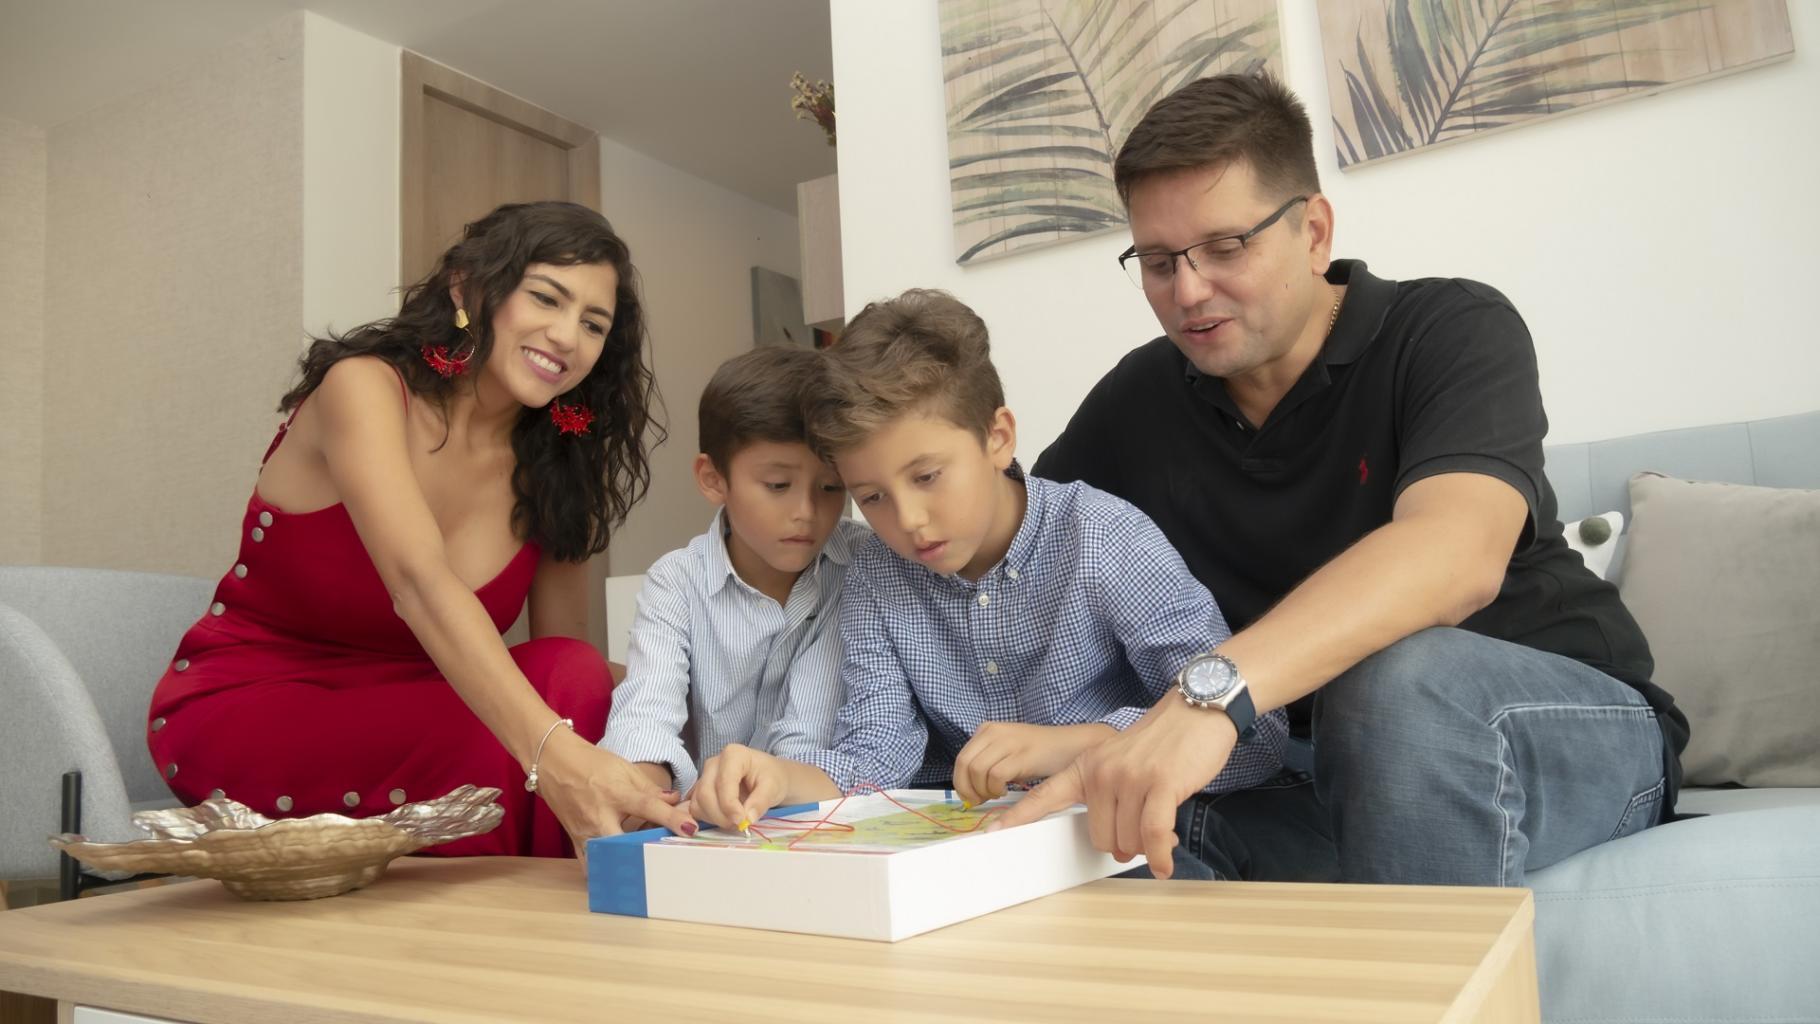 actividades para mejorar la convivencia en familia